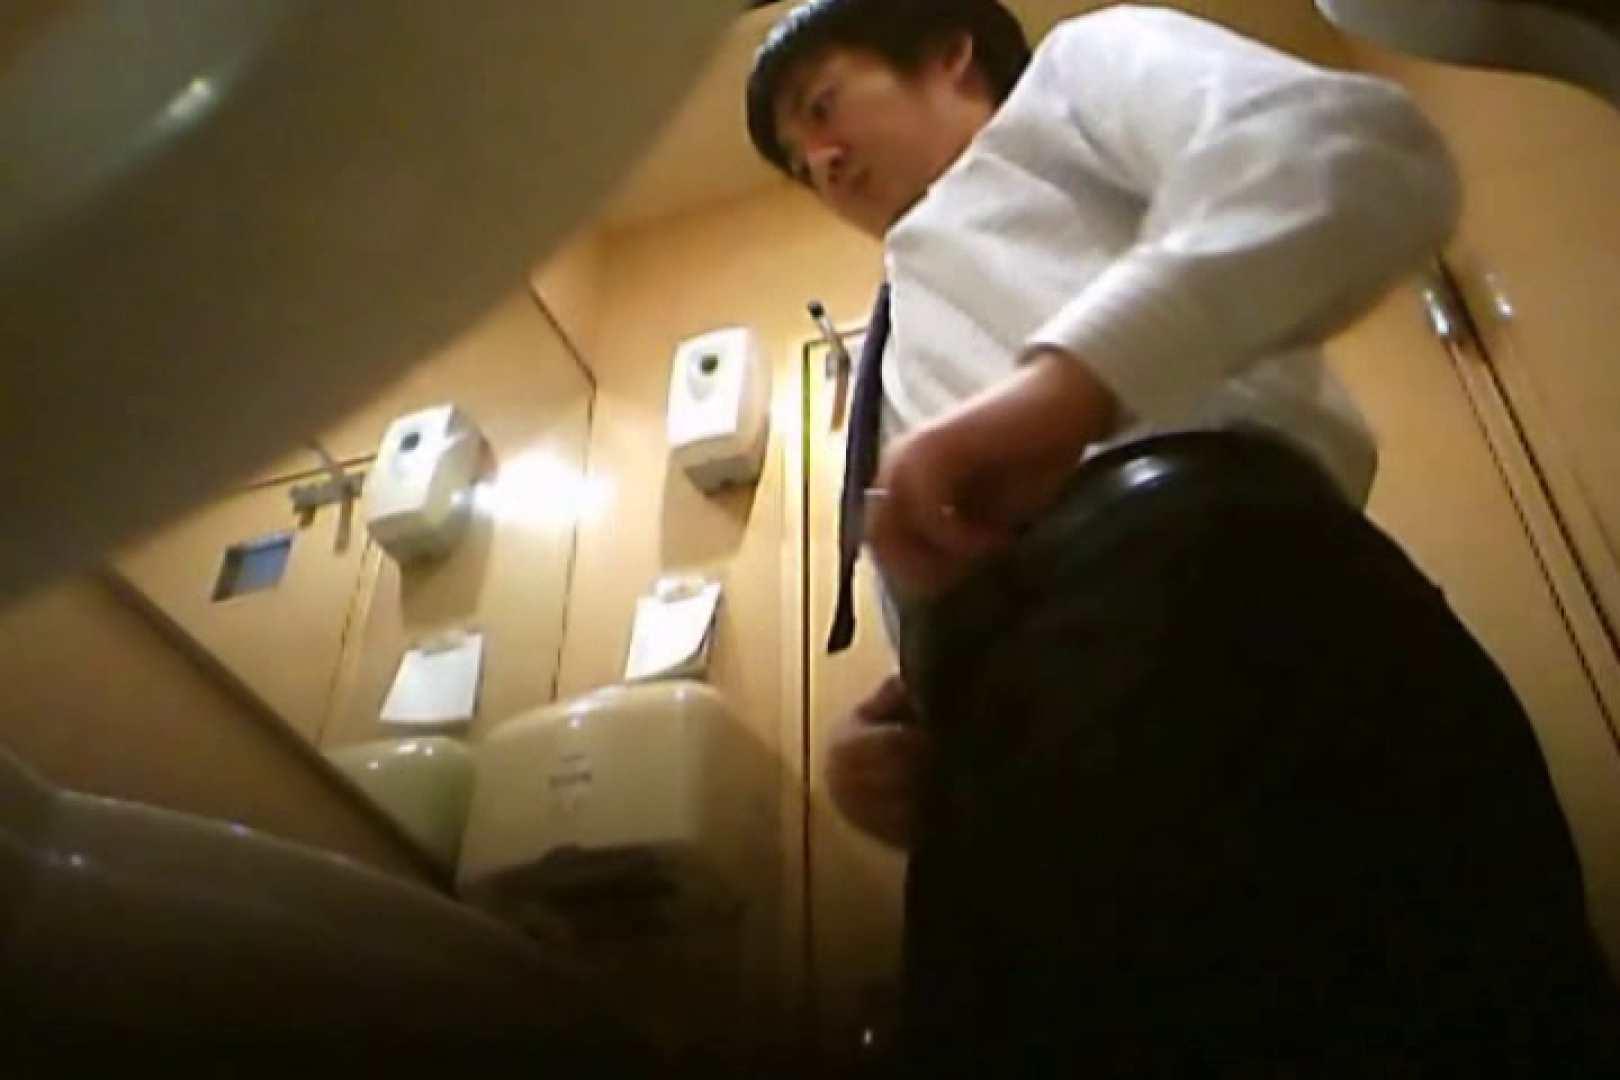 SEASON 3rd!掴み取りさんの洗面所覗き!in新幹線!VOL.16 ノンケ 尻マンコ画像 96枚 23